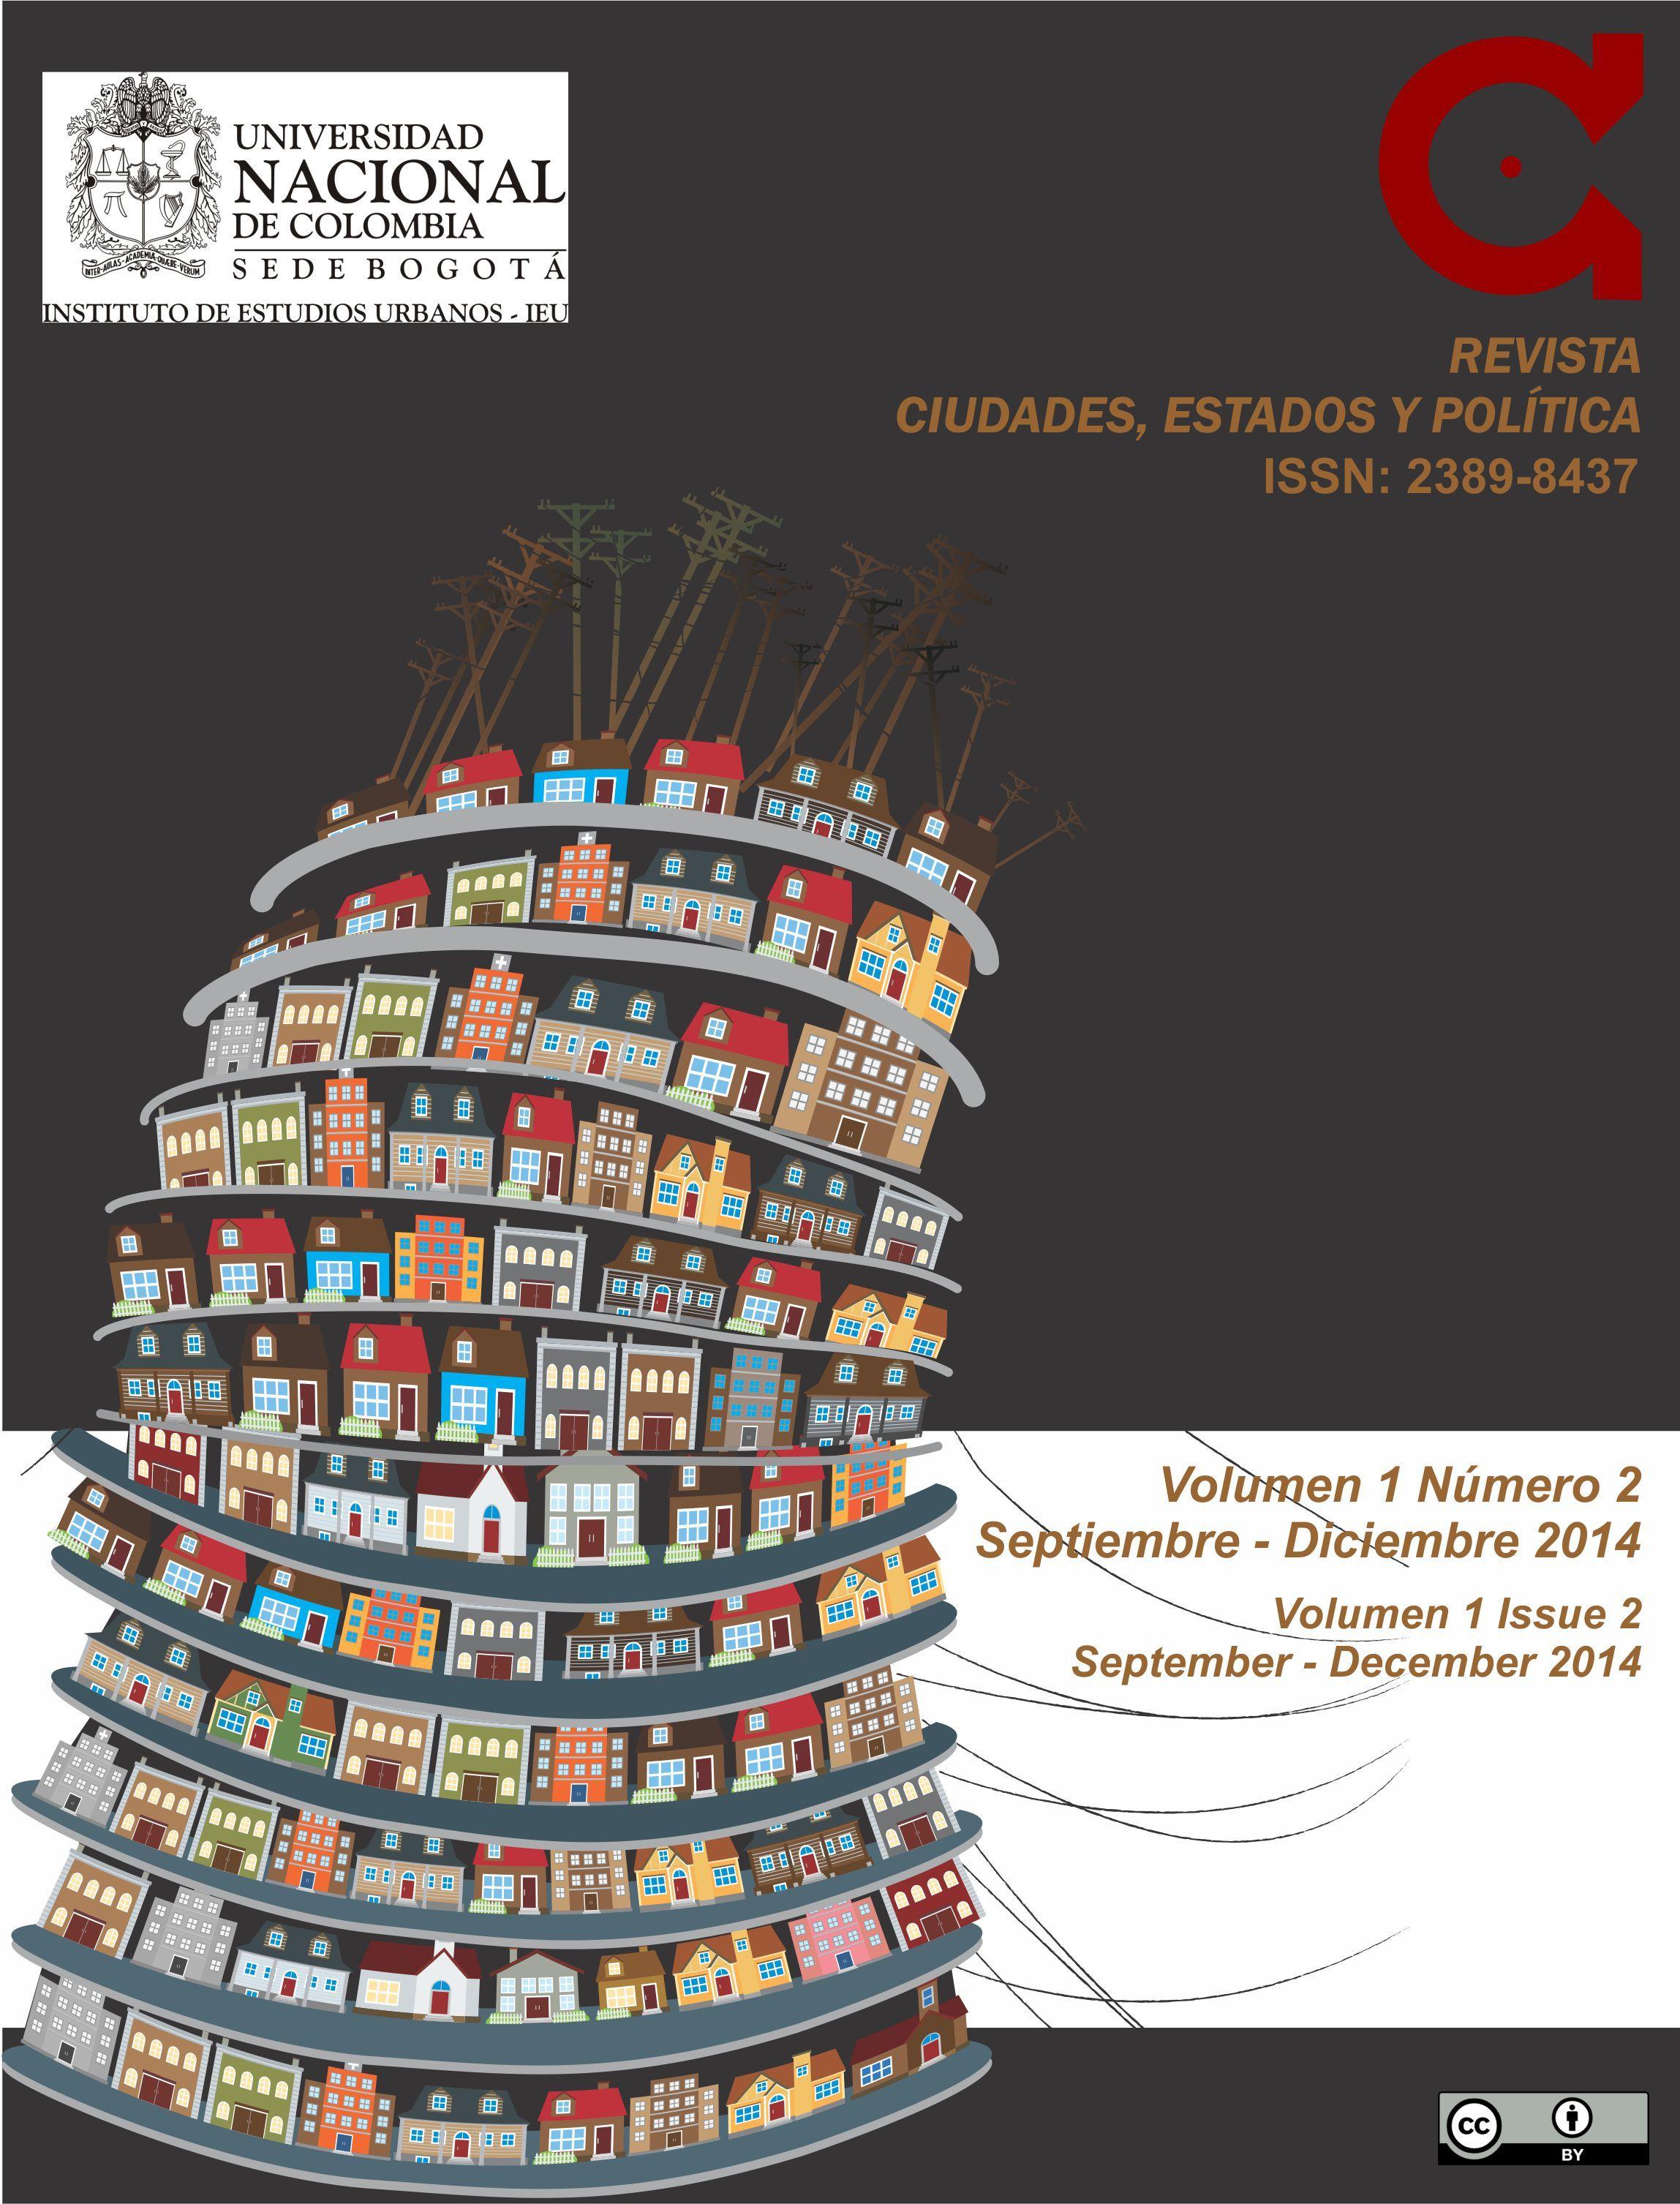 Revista Ciudades, Estados y Política, CEP-IEU